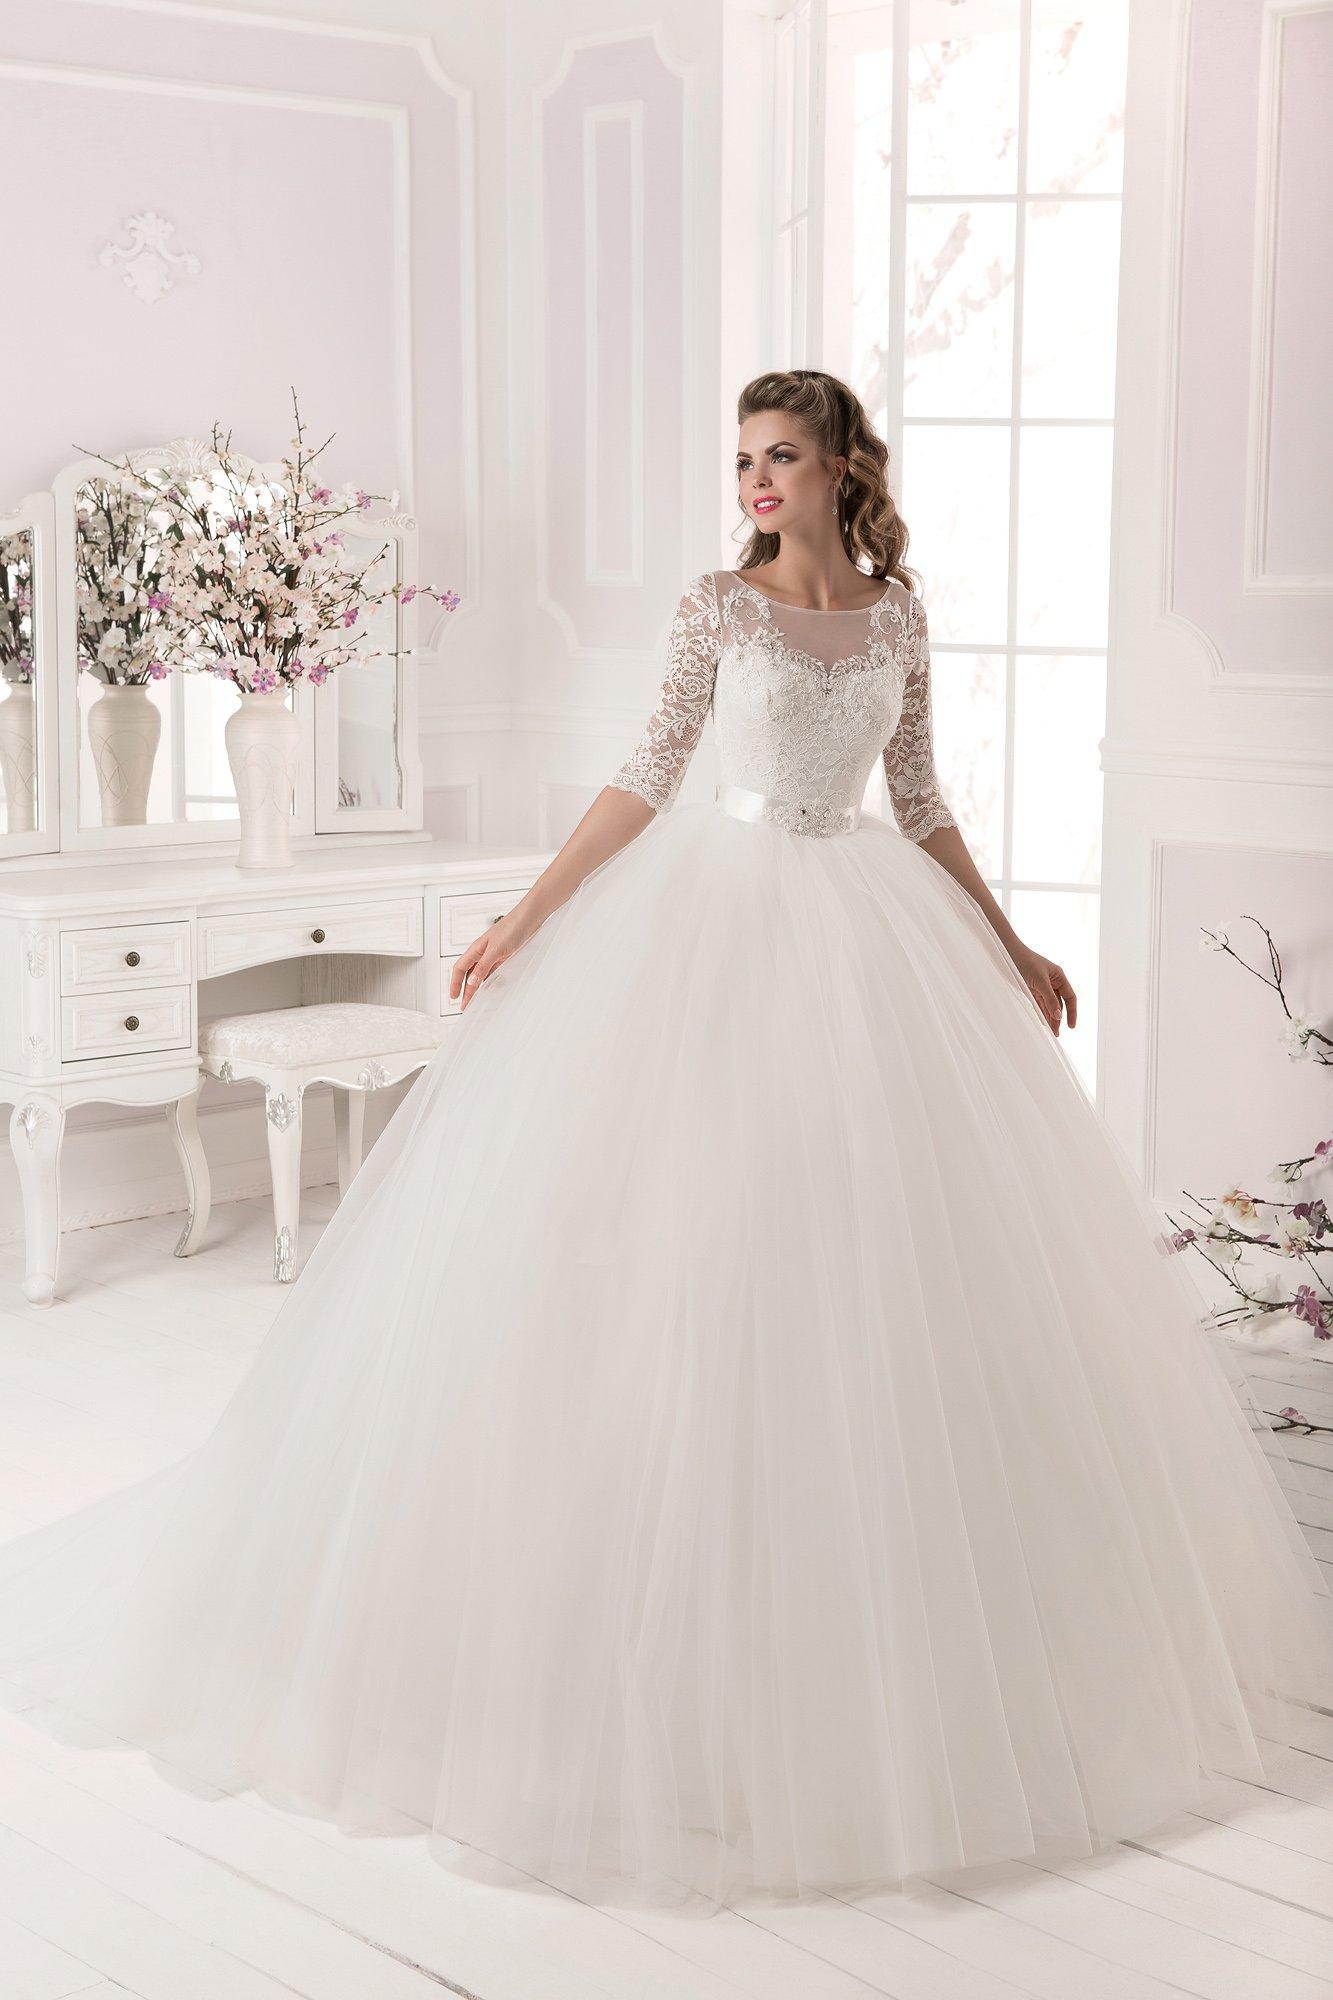 ffcec866153b4d9 Великолепное свадебное платье пышного кроя с кружевным верхом и сияющим  поясом из атласа.